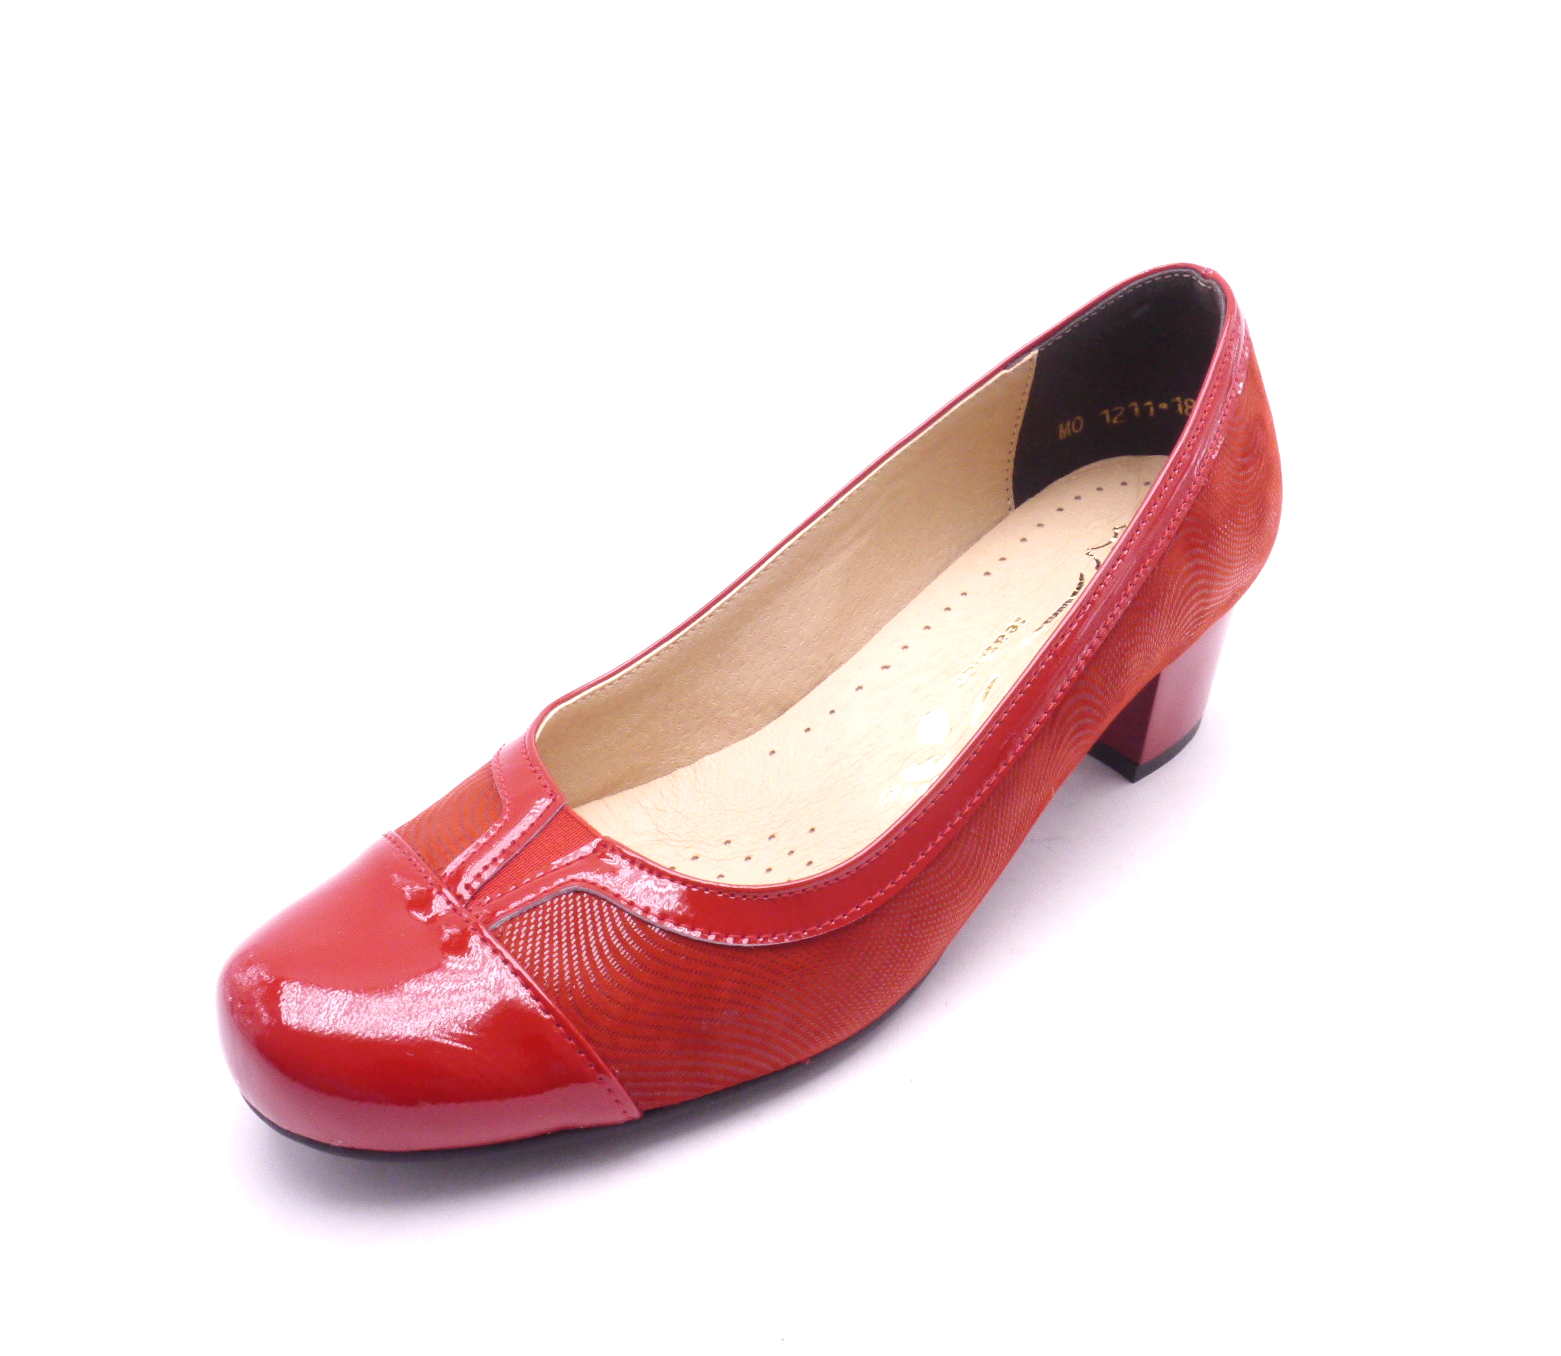 Mintaka Dámské elegantní červené lodičky s lakovanou špičkou 1211 Velikost: 37